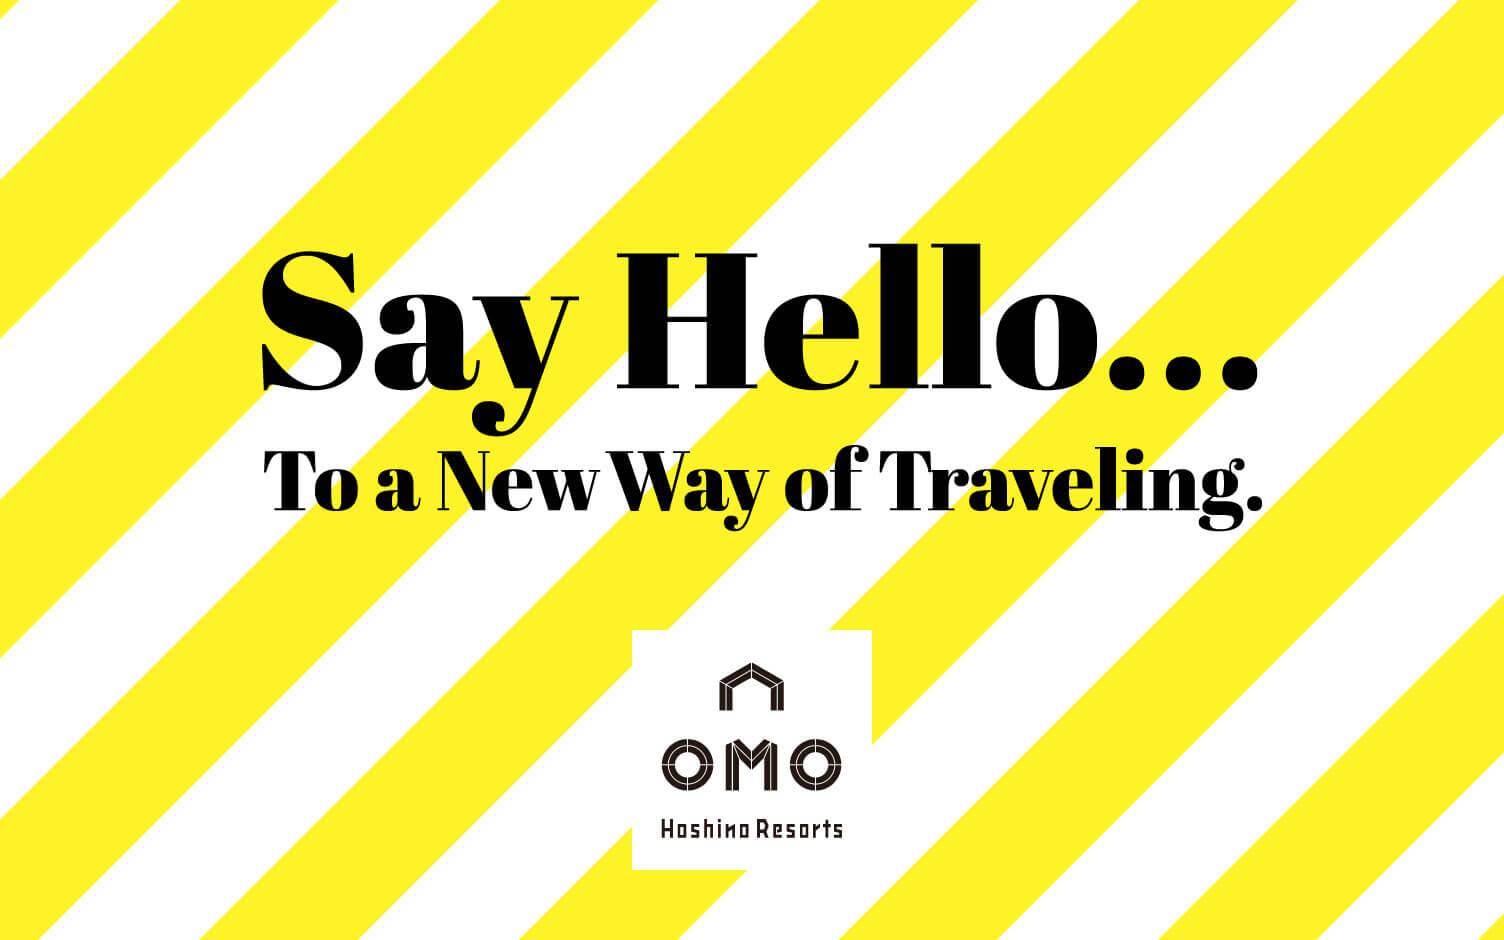 호시노 리조트가 새로운 브랜드 OMO를 런칭합니다